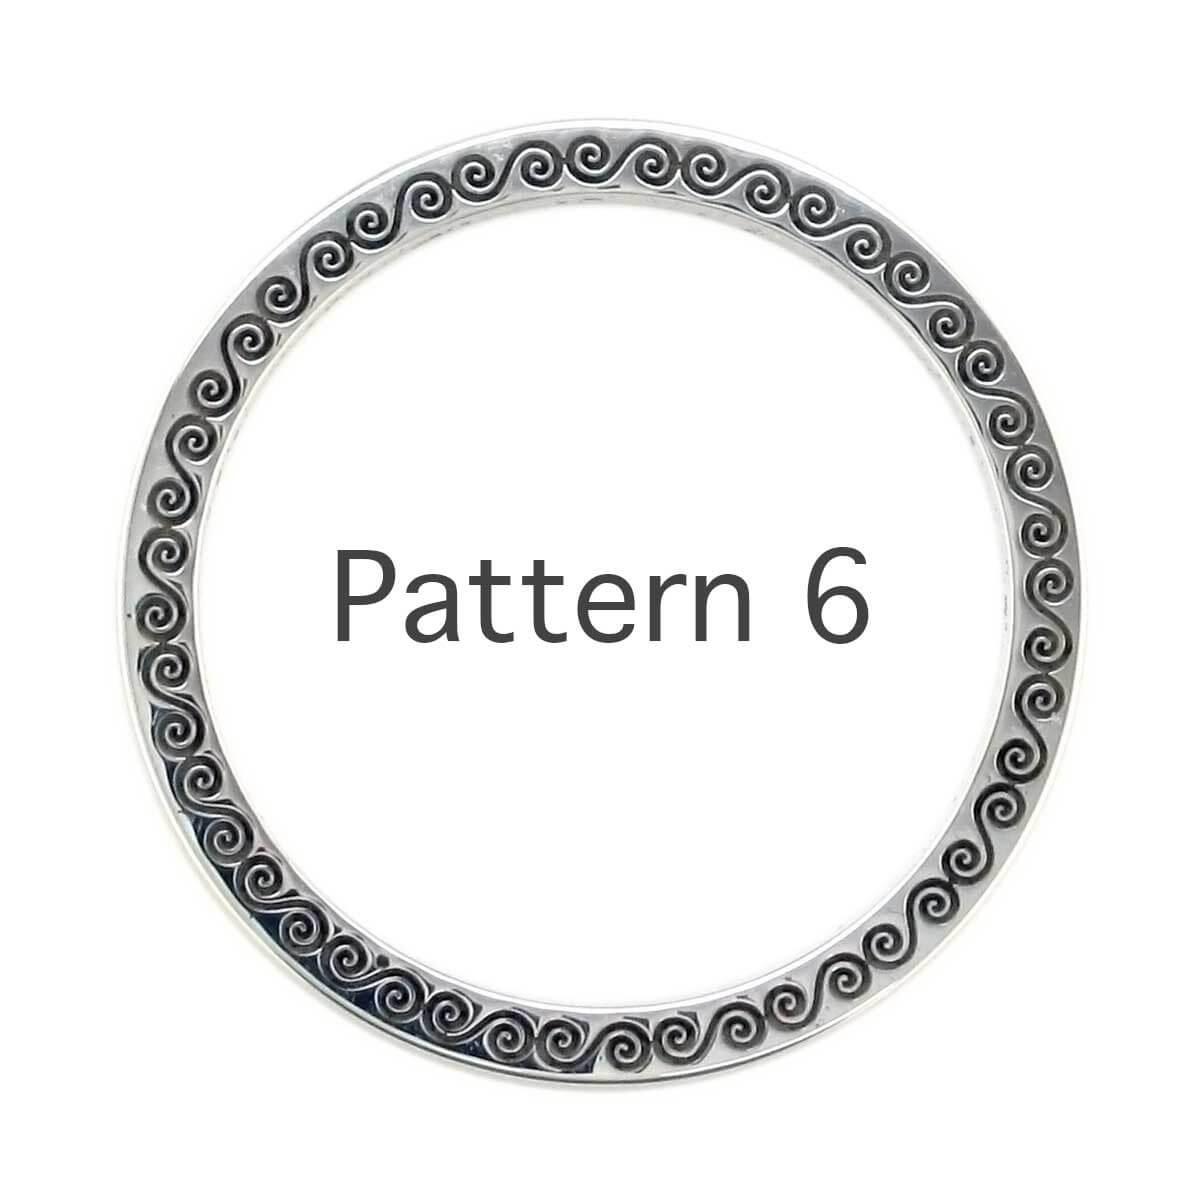 kryptos ring pattern 6